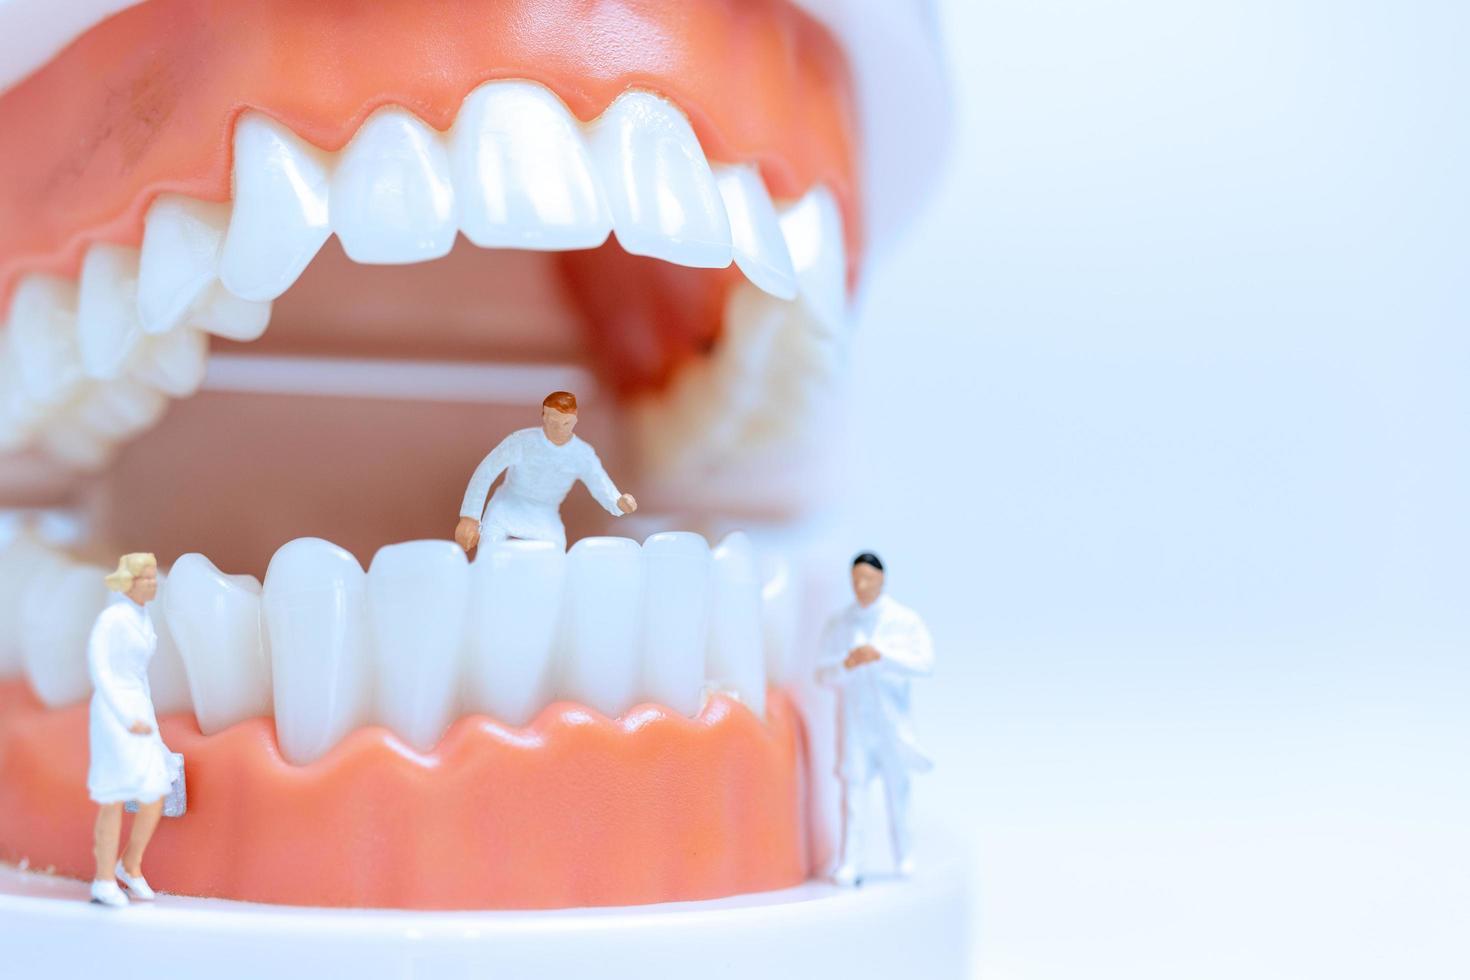 figurines miniatures et modèle de bouche humaine photo